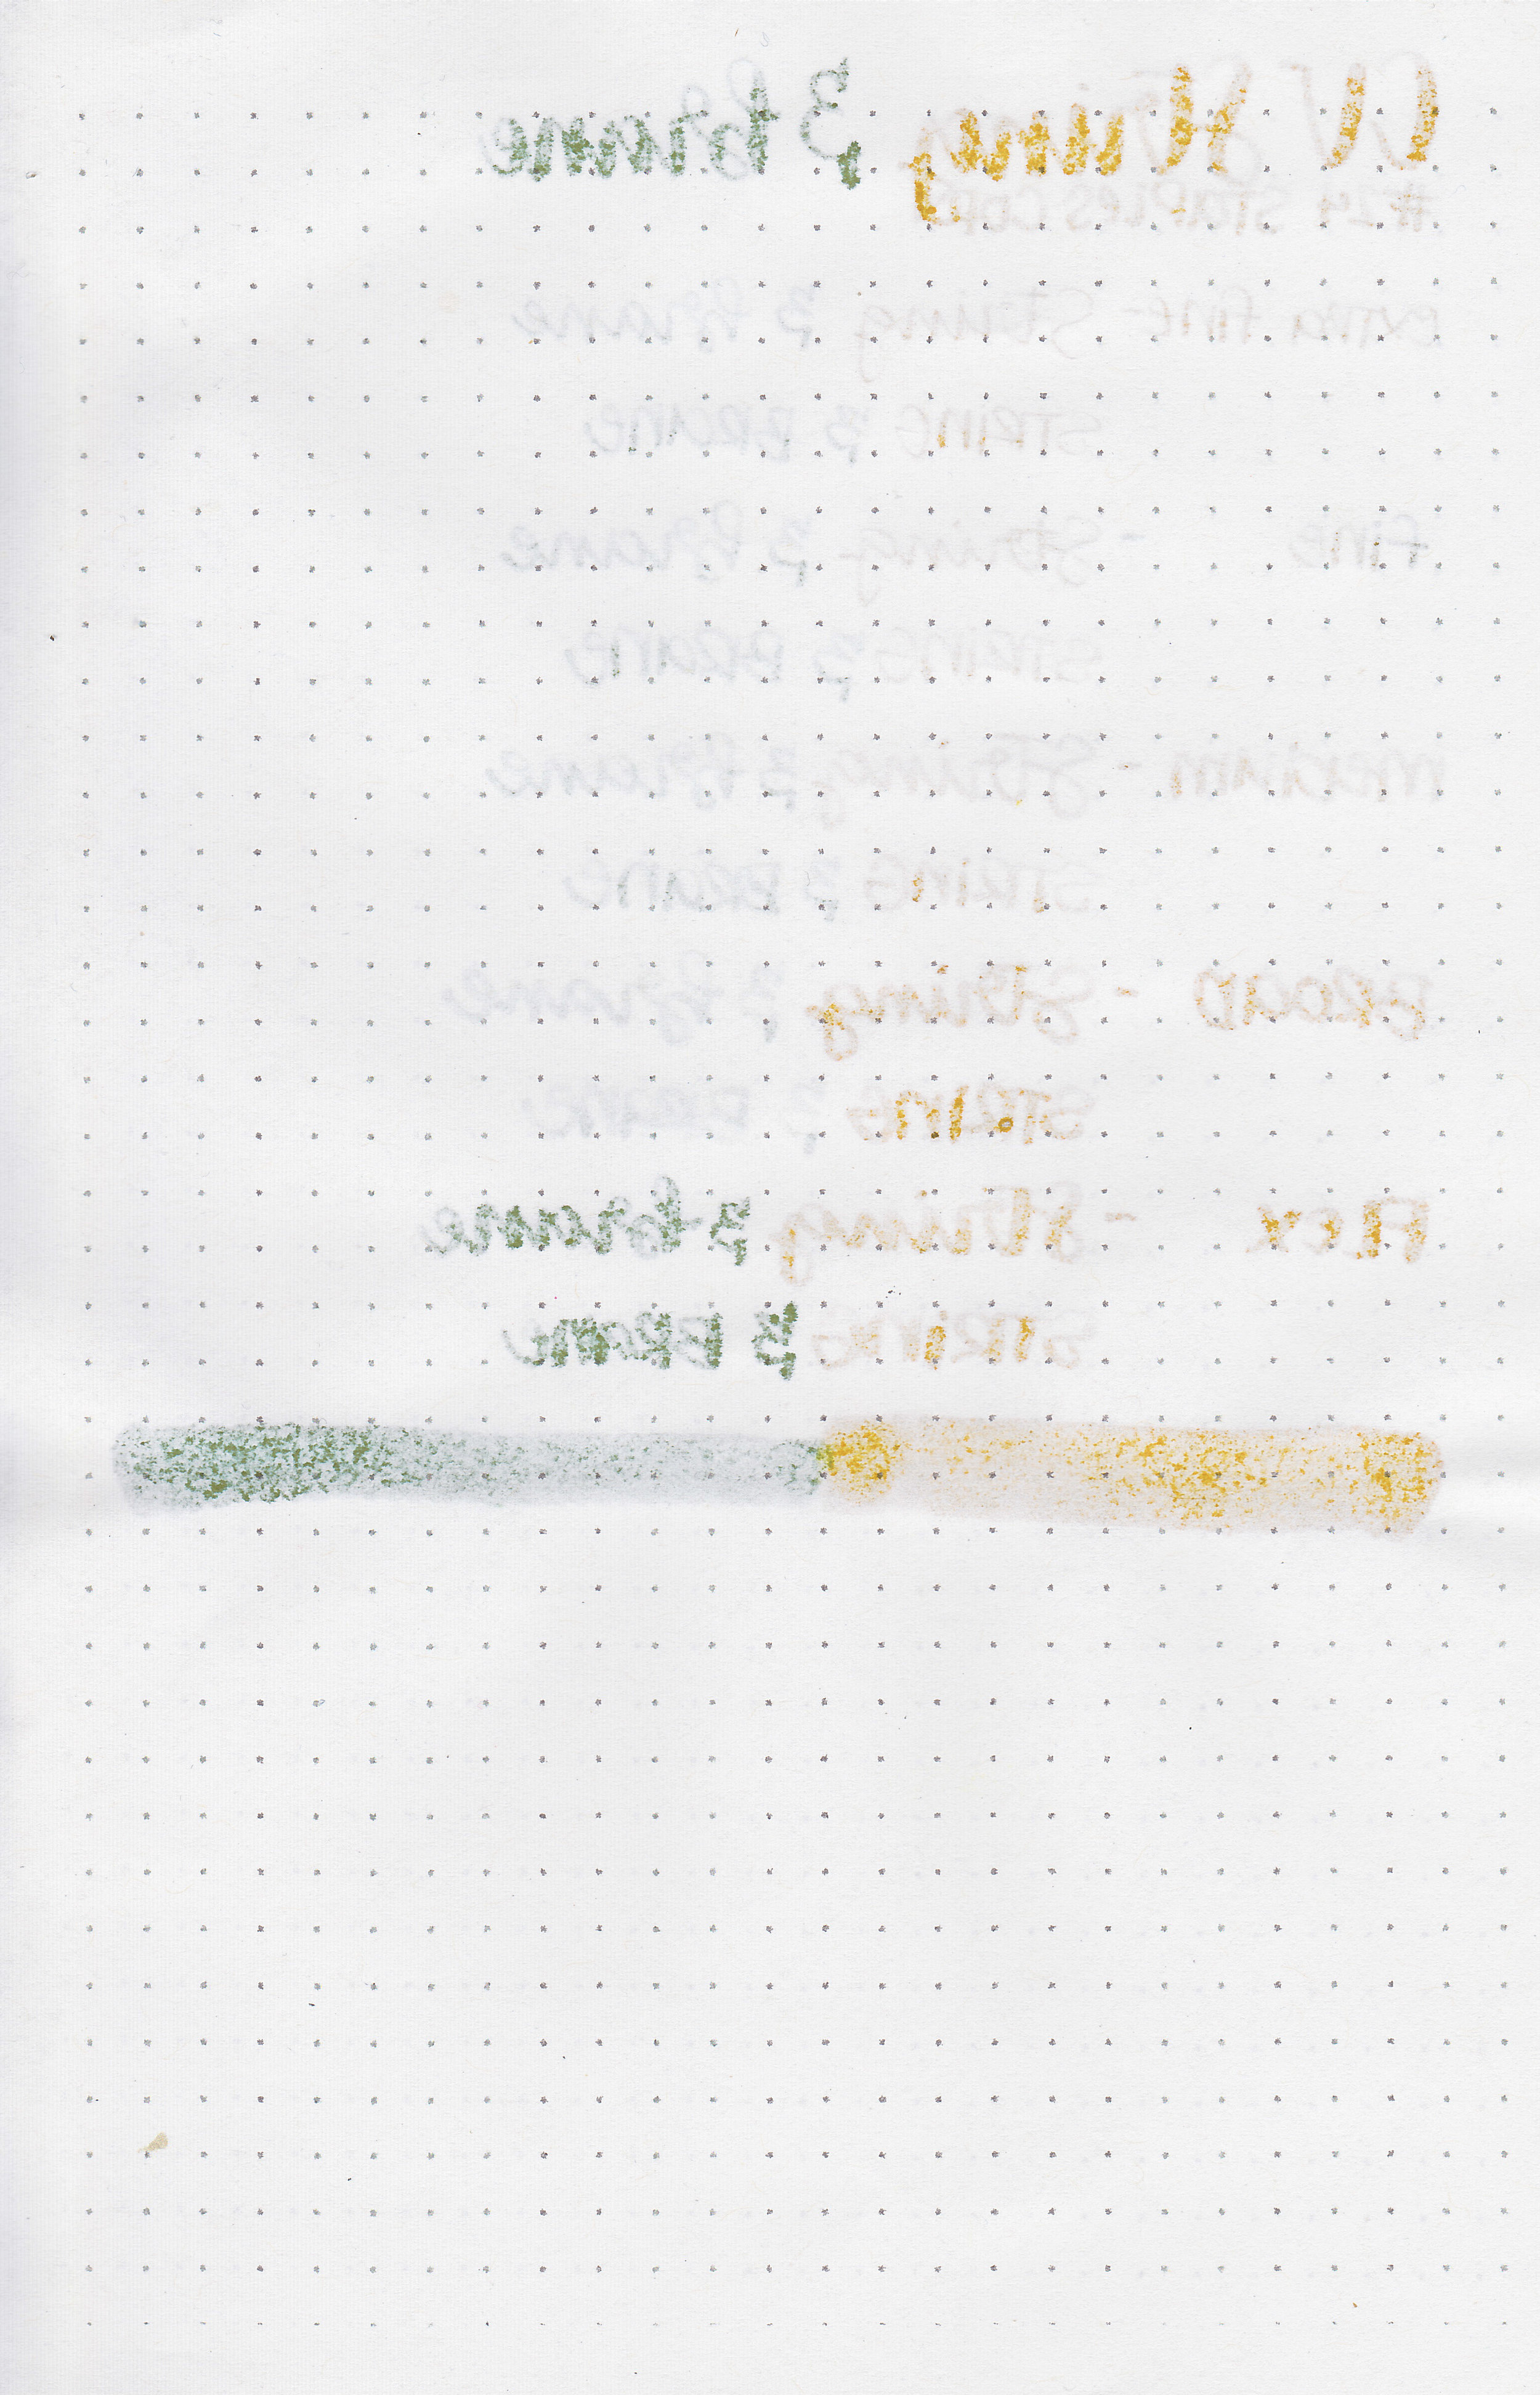 cv-string-brane-15.jpg